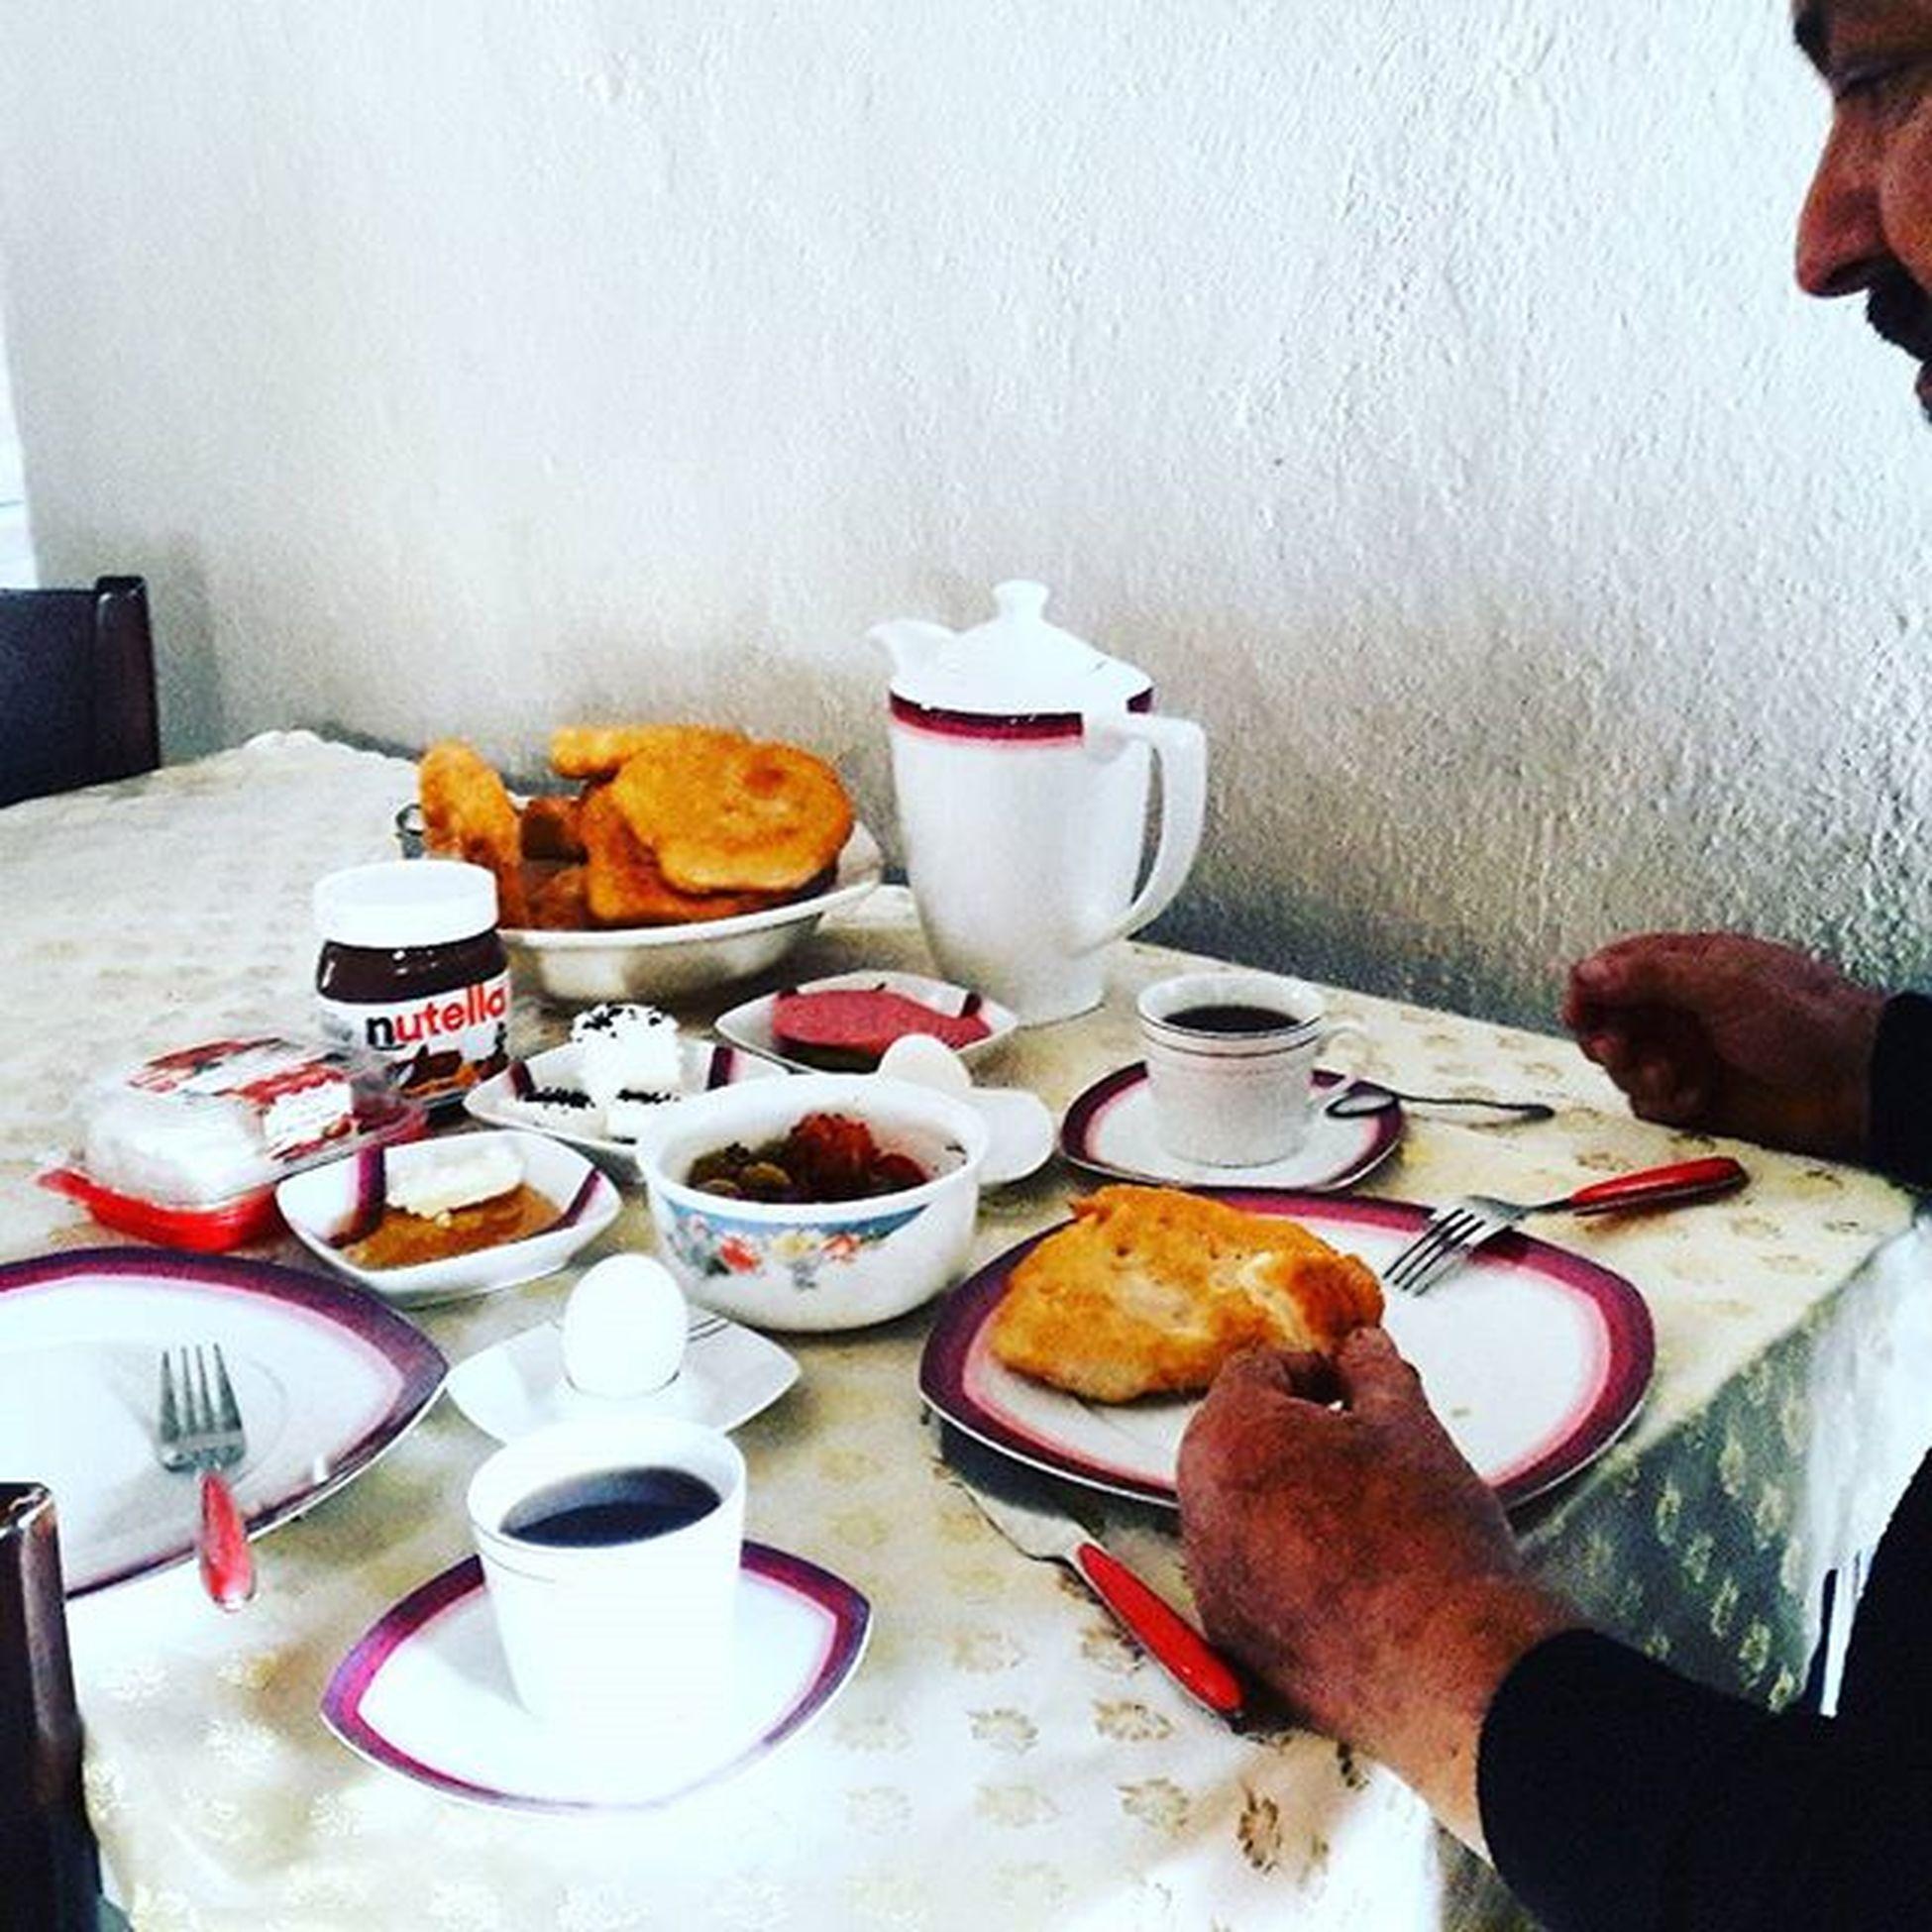 Bizim kahvaltimizda böyle Ben resim çekerken eşim pişileri götùrdù😊😊🌹🍃🌹🍃🌹🍃 Evimguzelevimde